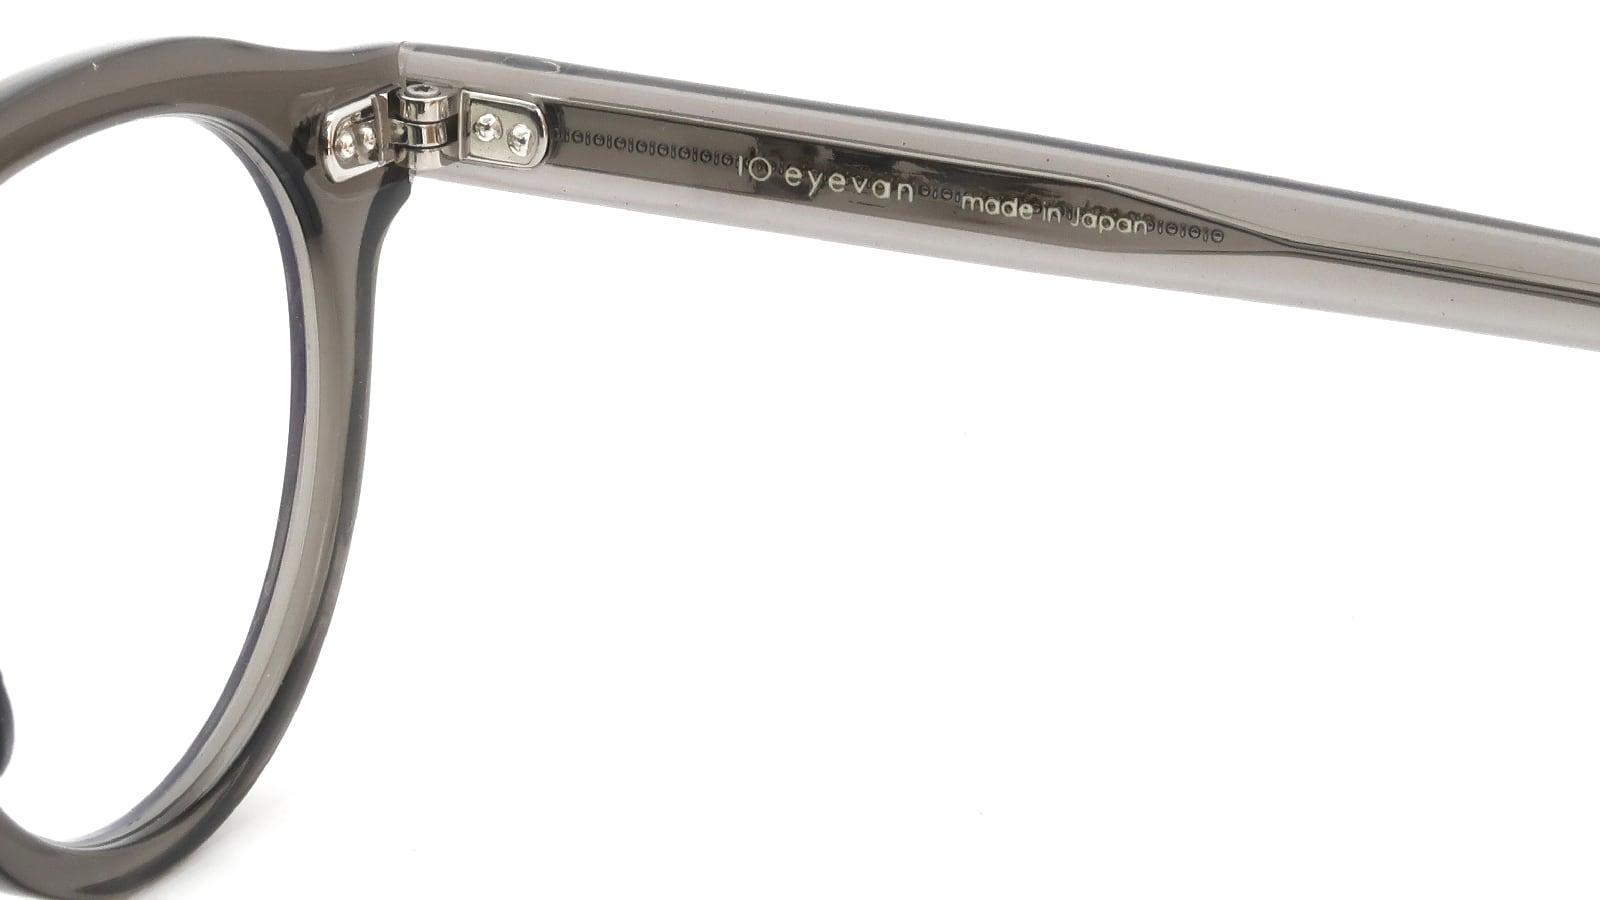 10 eyevan NO.6 Ⅲ FR 46size c.1011S Grey 10